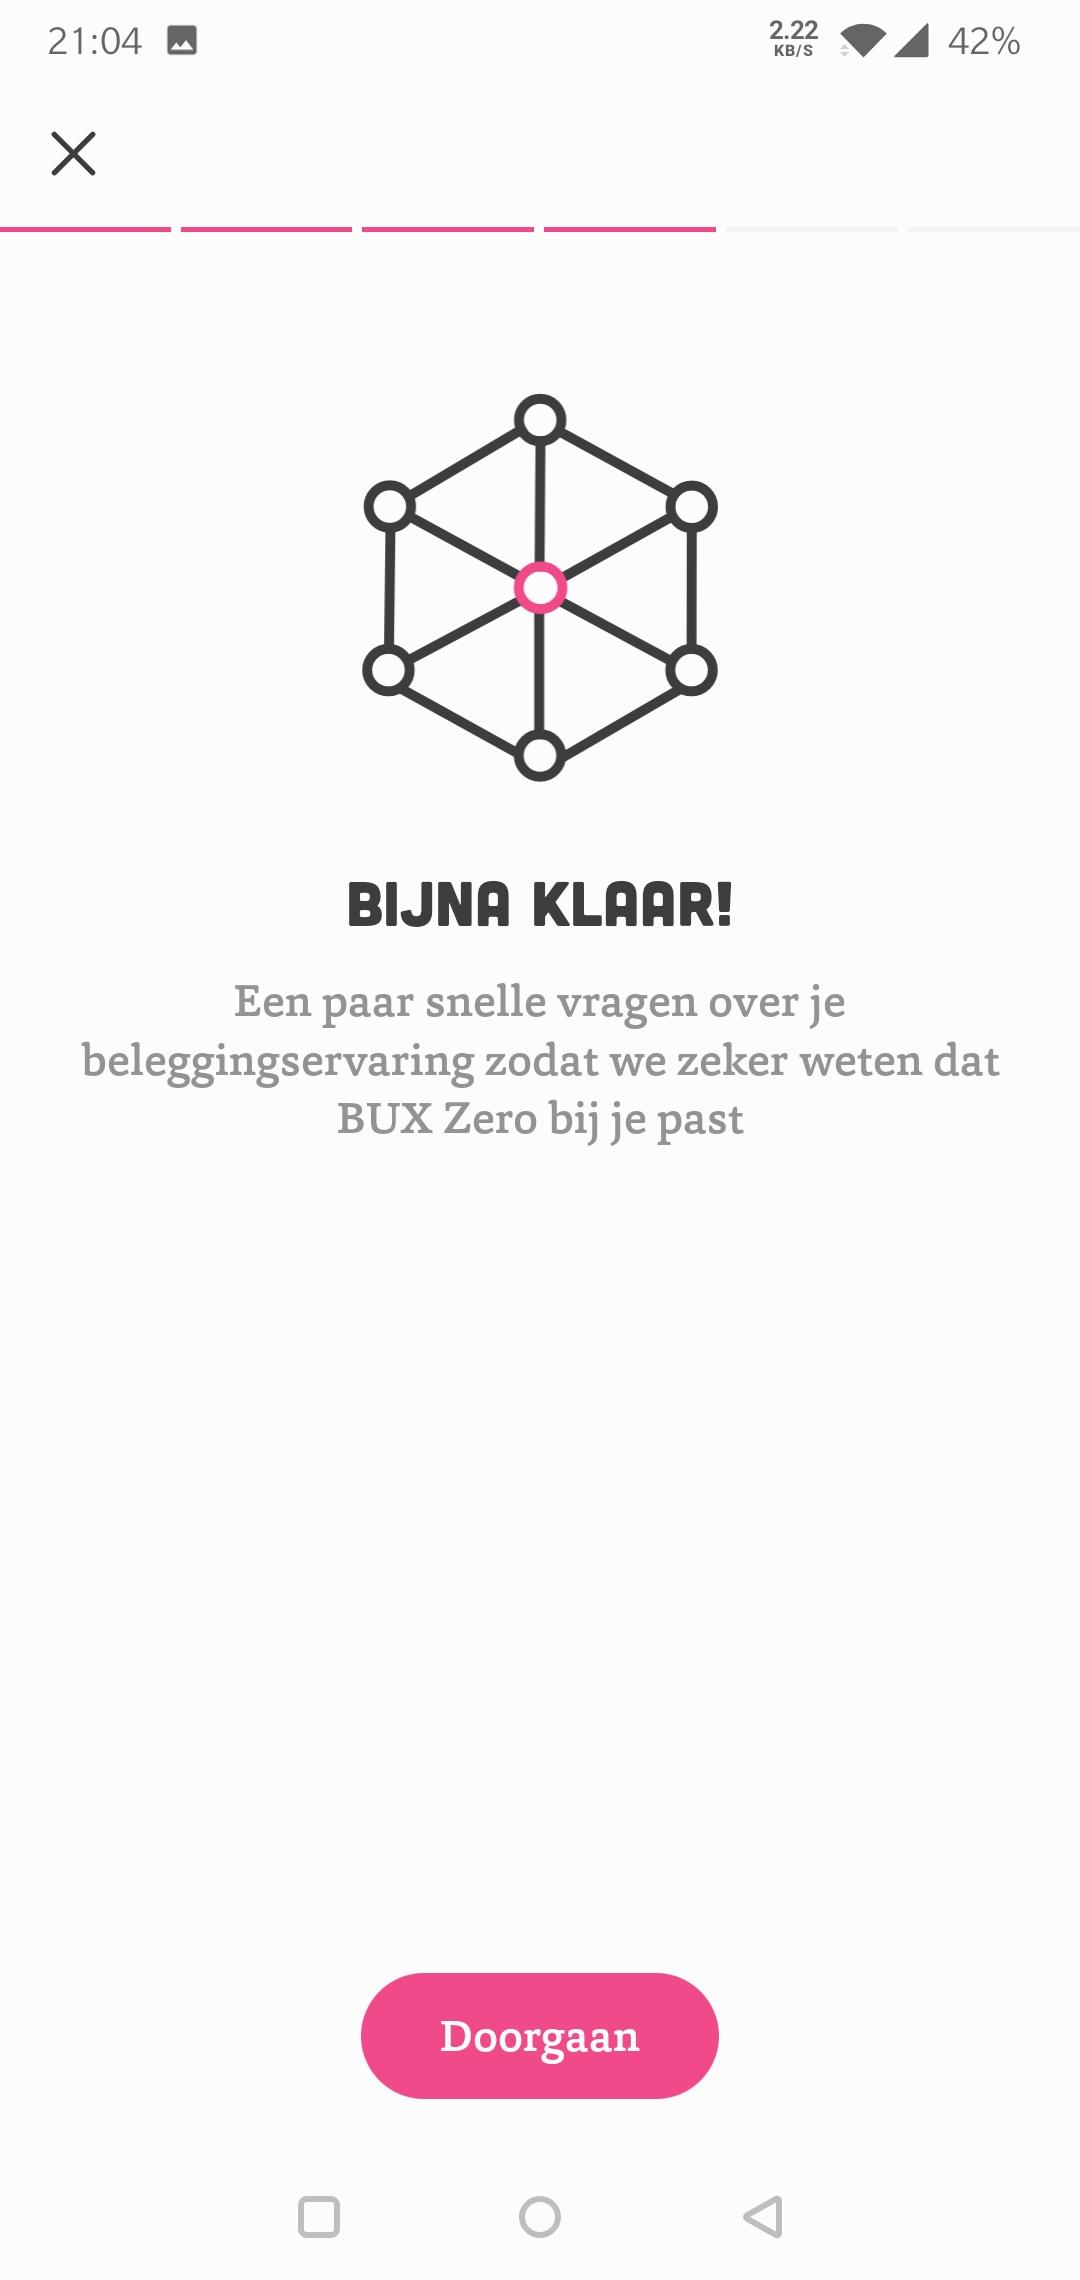 Bux Zero beleggingservaring